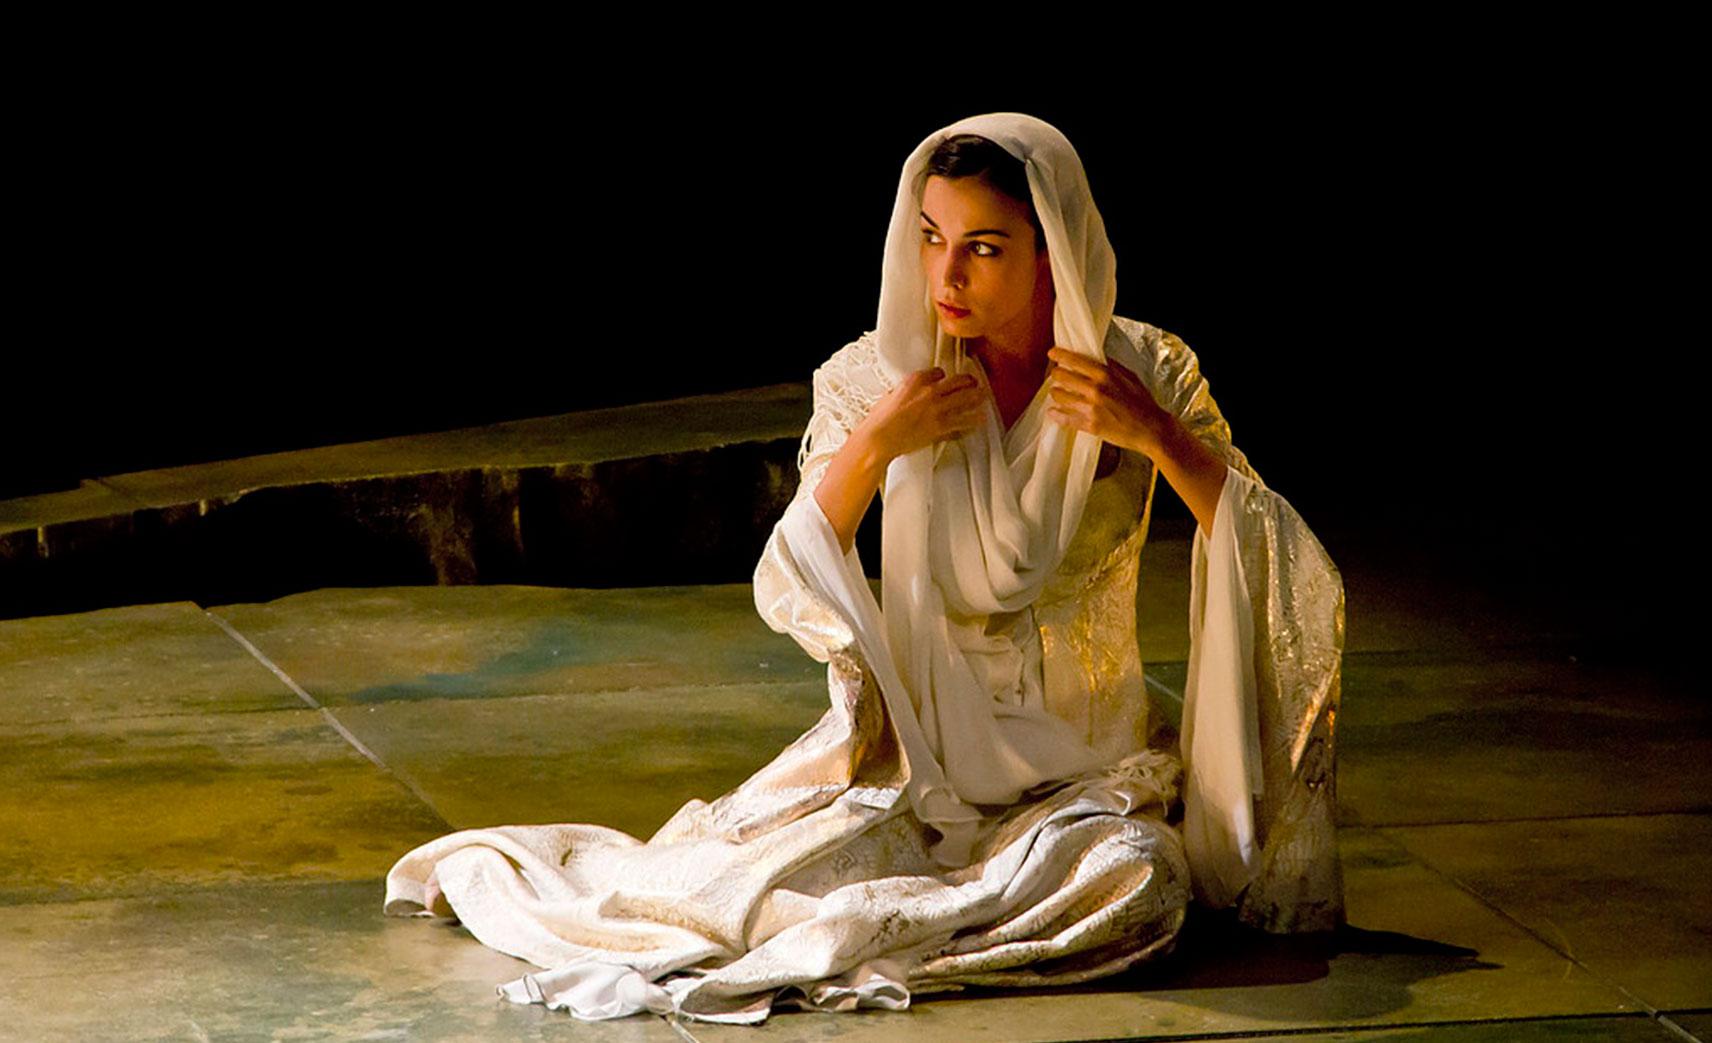 La hermosa Jarifa (The beautiful Jarifa) - Sara Rivero